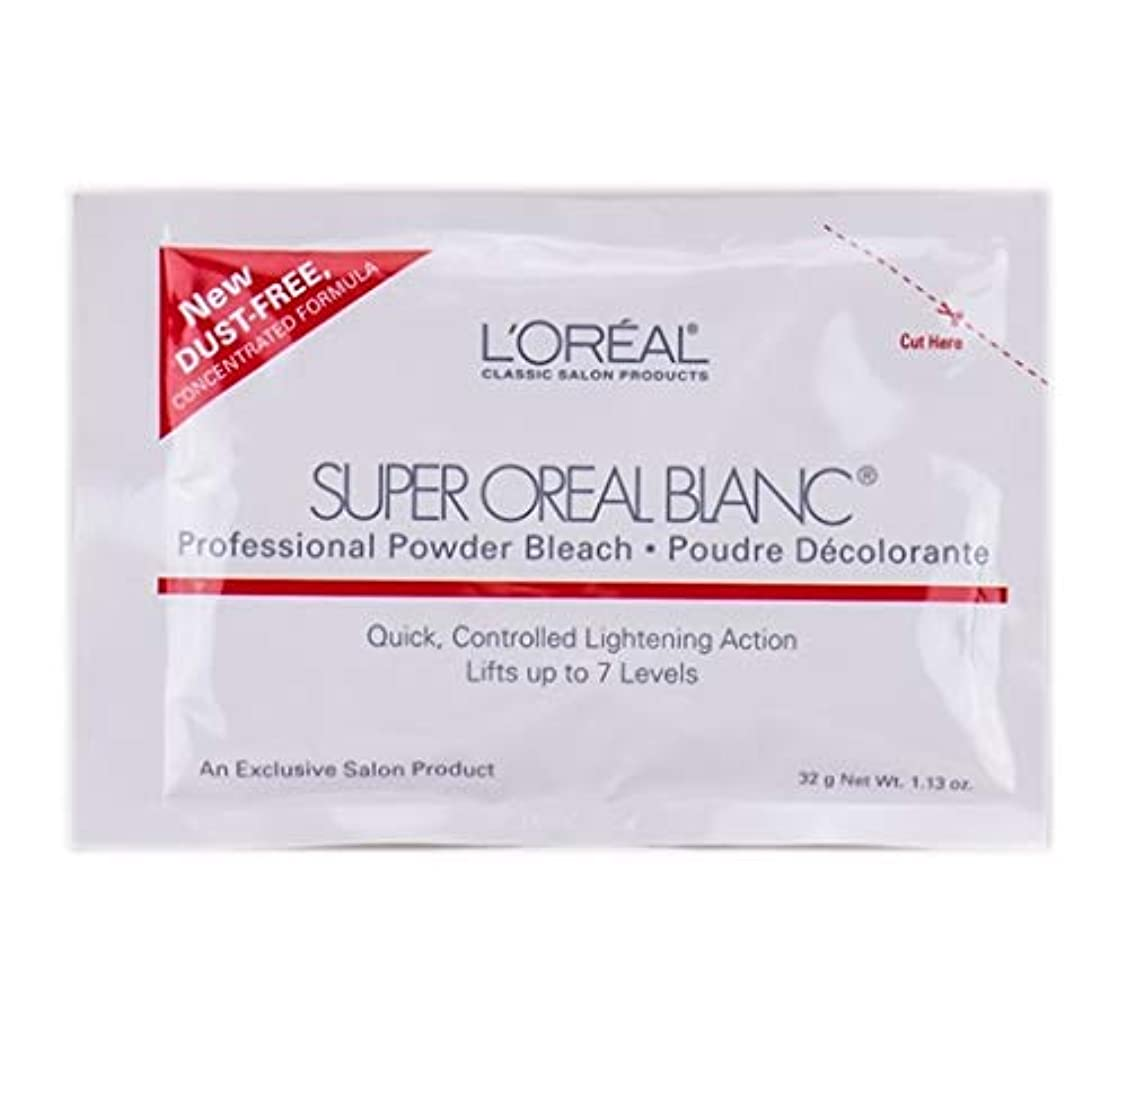 乱雑な練習重要性L'Oreal Super Oreal Blanc - Powder Bleach Packette - 1.13oz / 32g